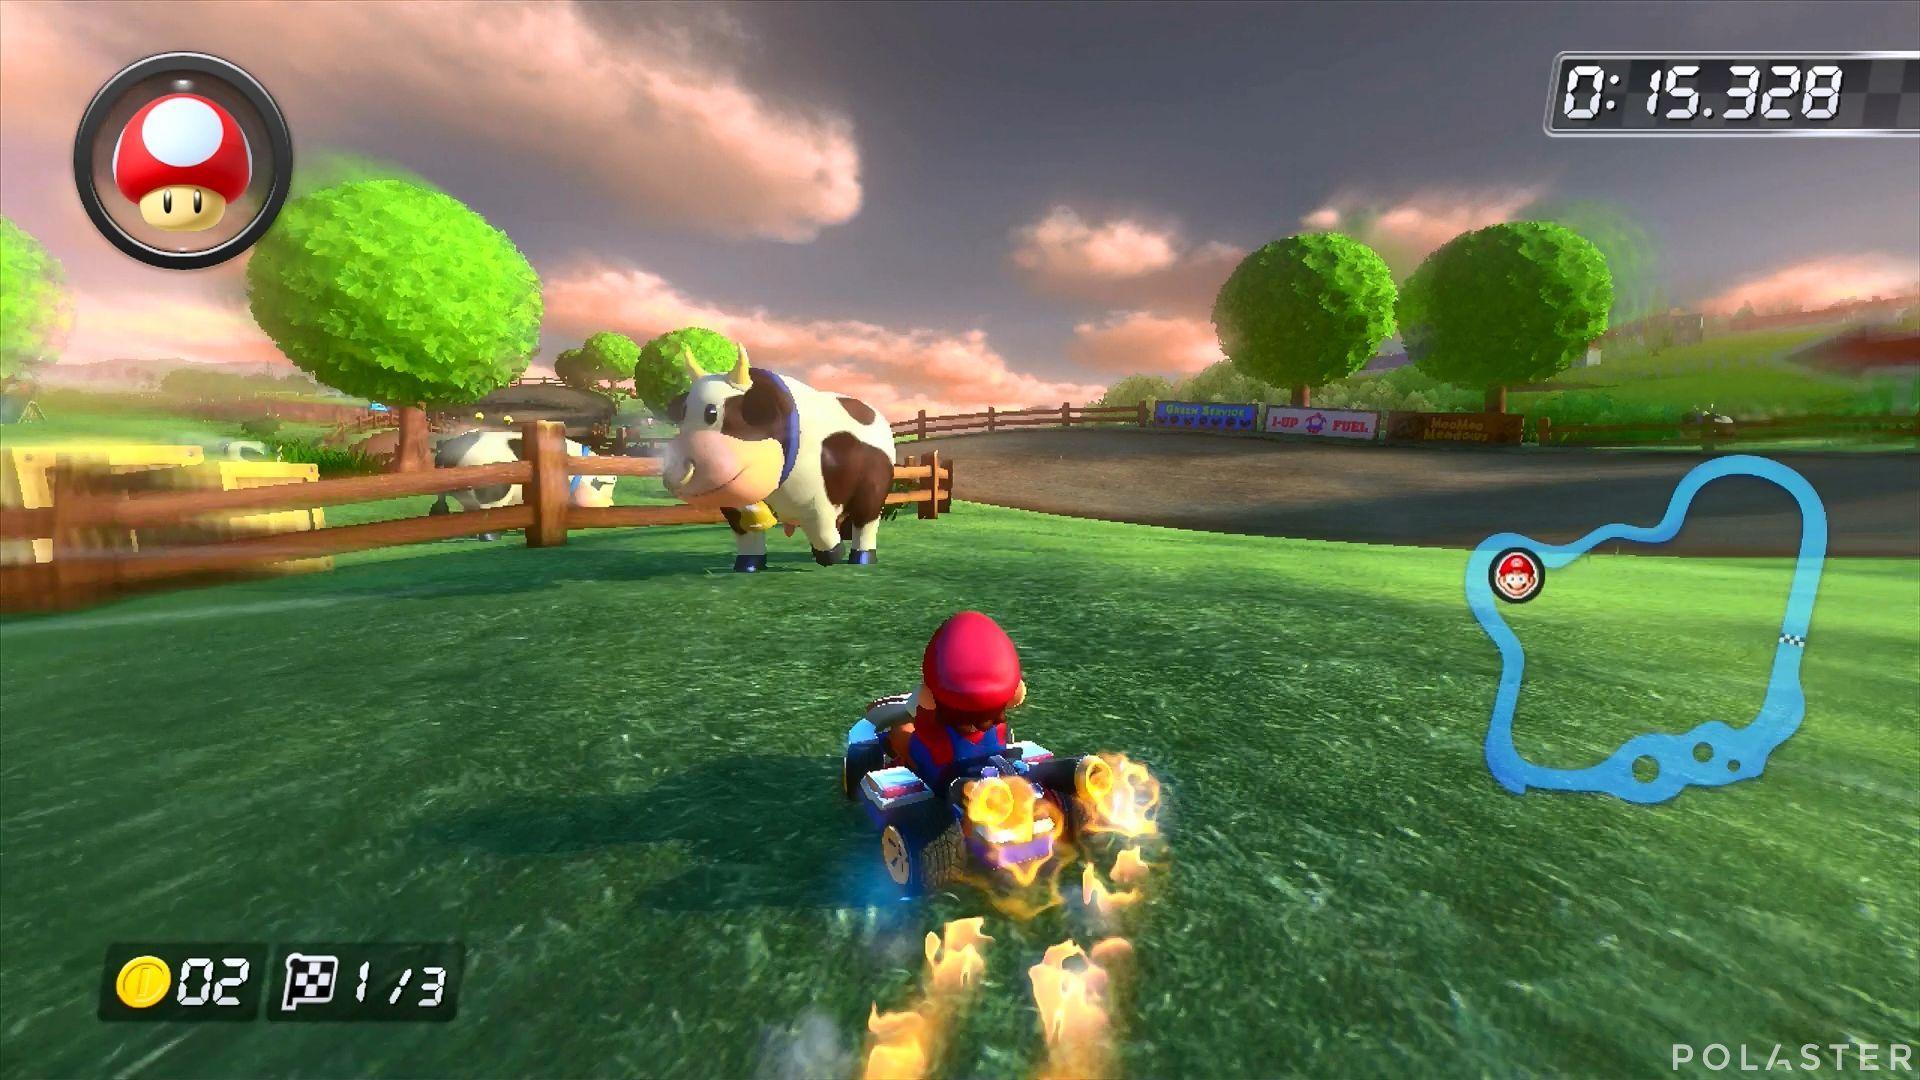 Mario Kart 8 - Pradera Mu-Mu